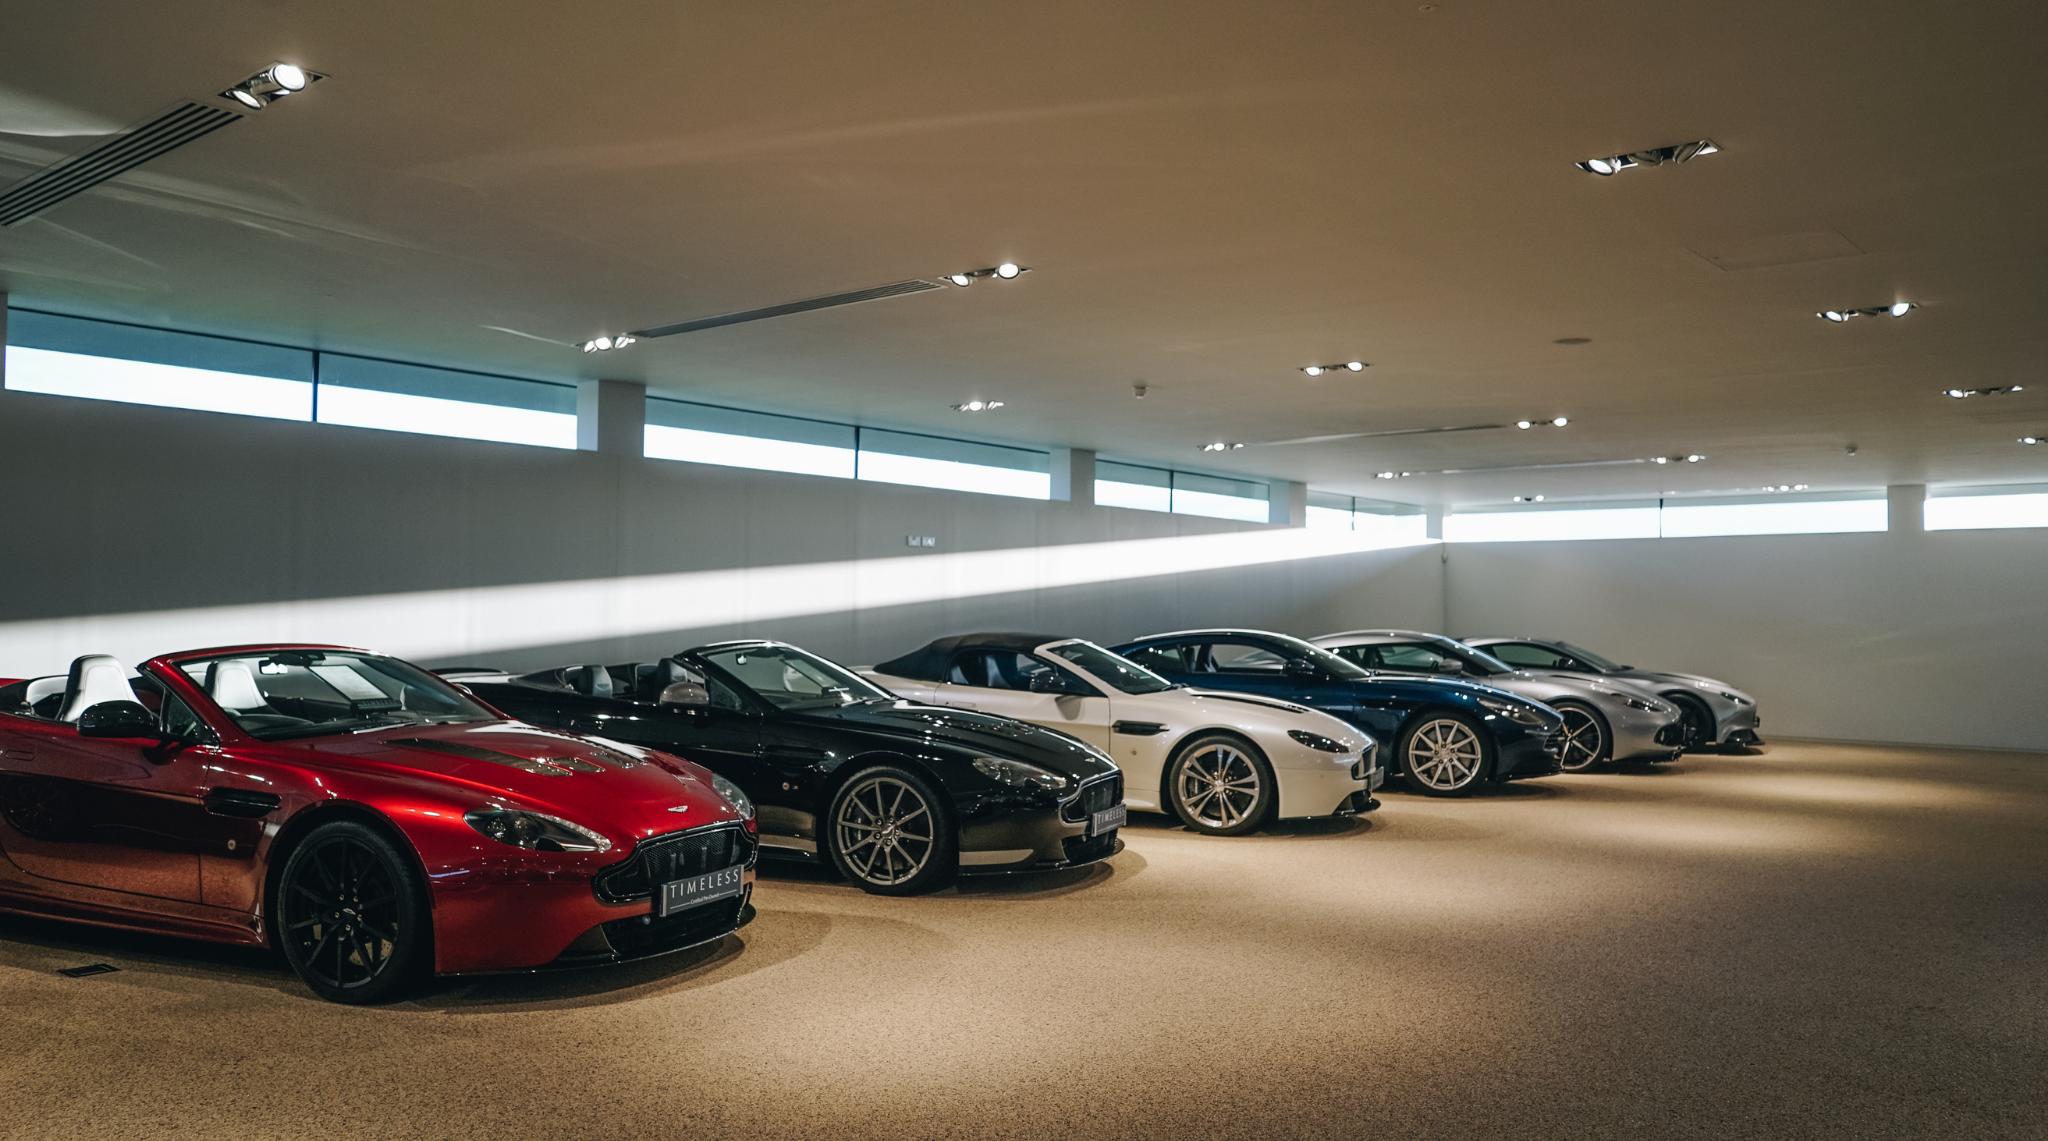 Timeless Aston Martin1